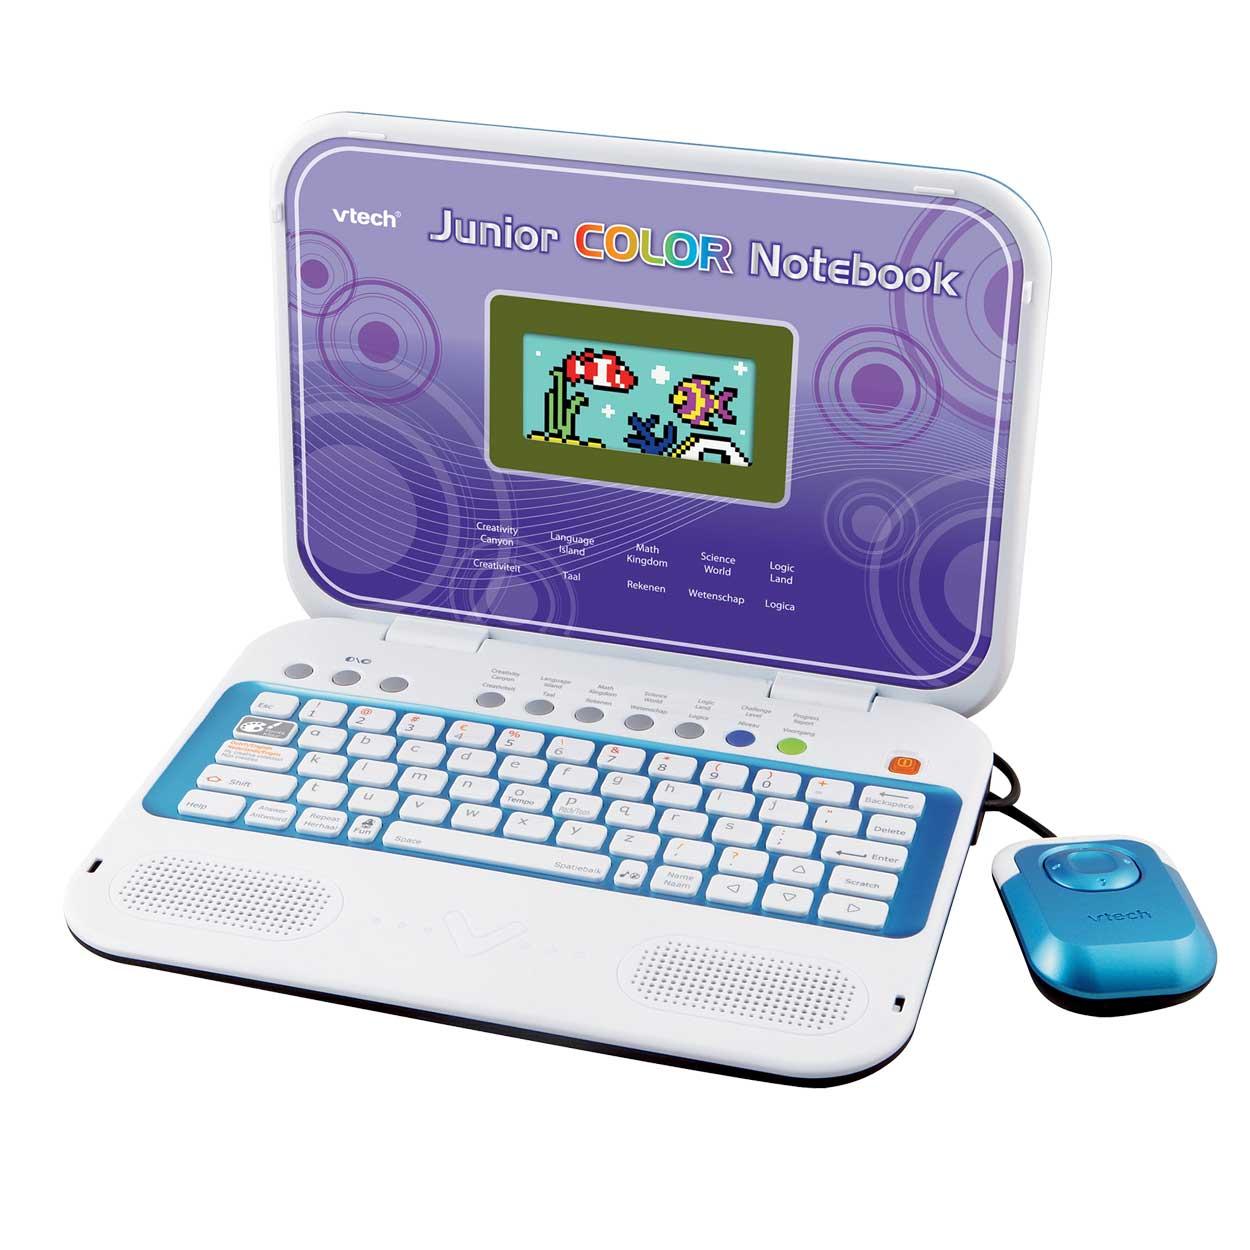 Spiksplinternieuw VTech Junior Color Notebook online kopen | Lobbes Speelgoed DA-02